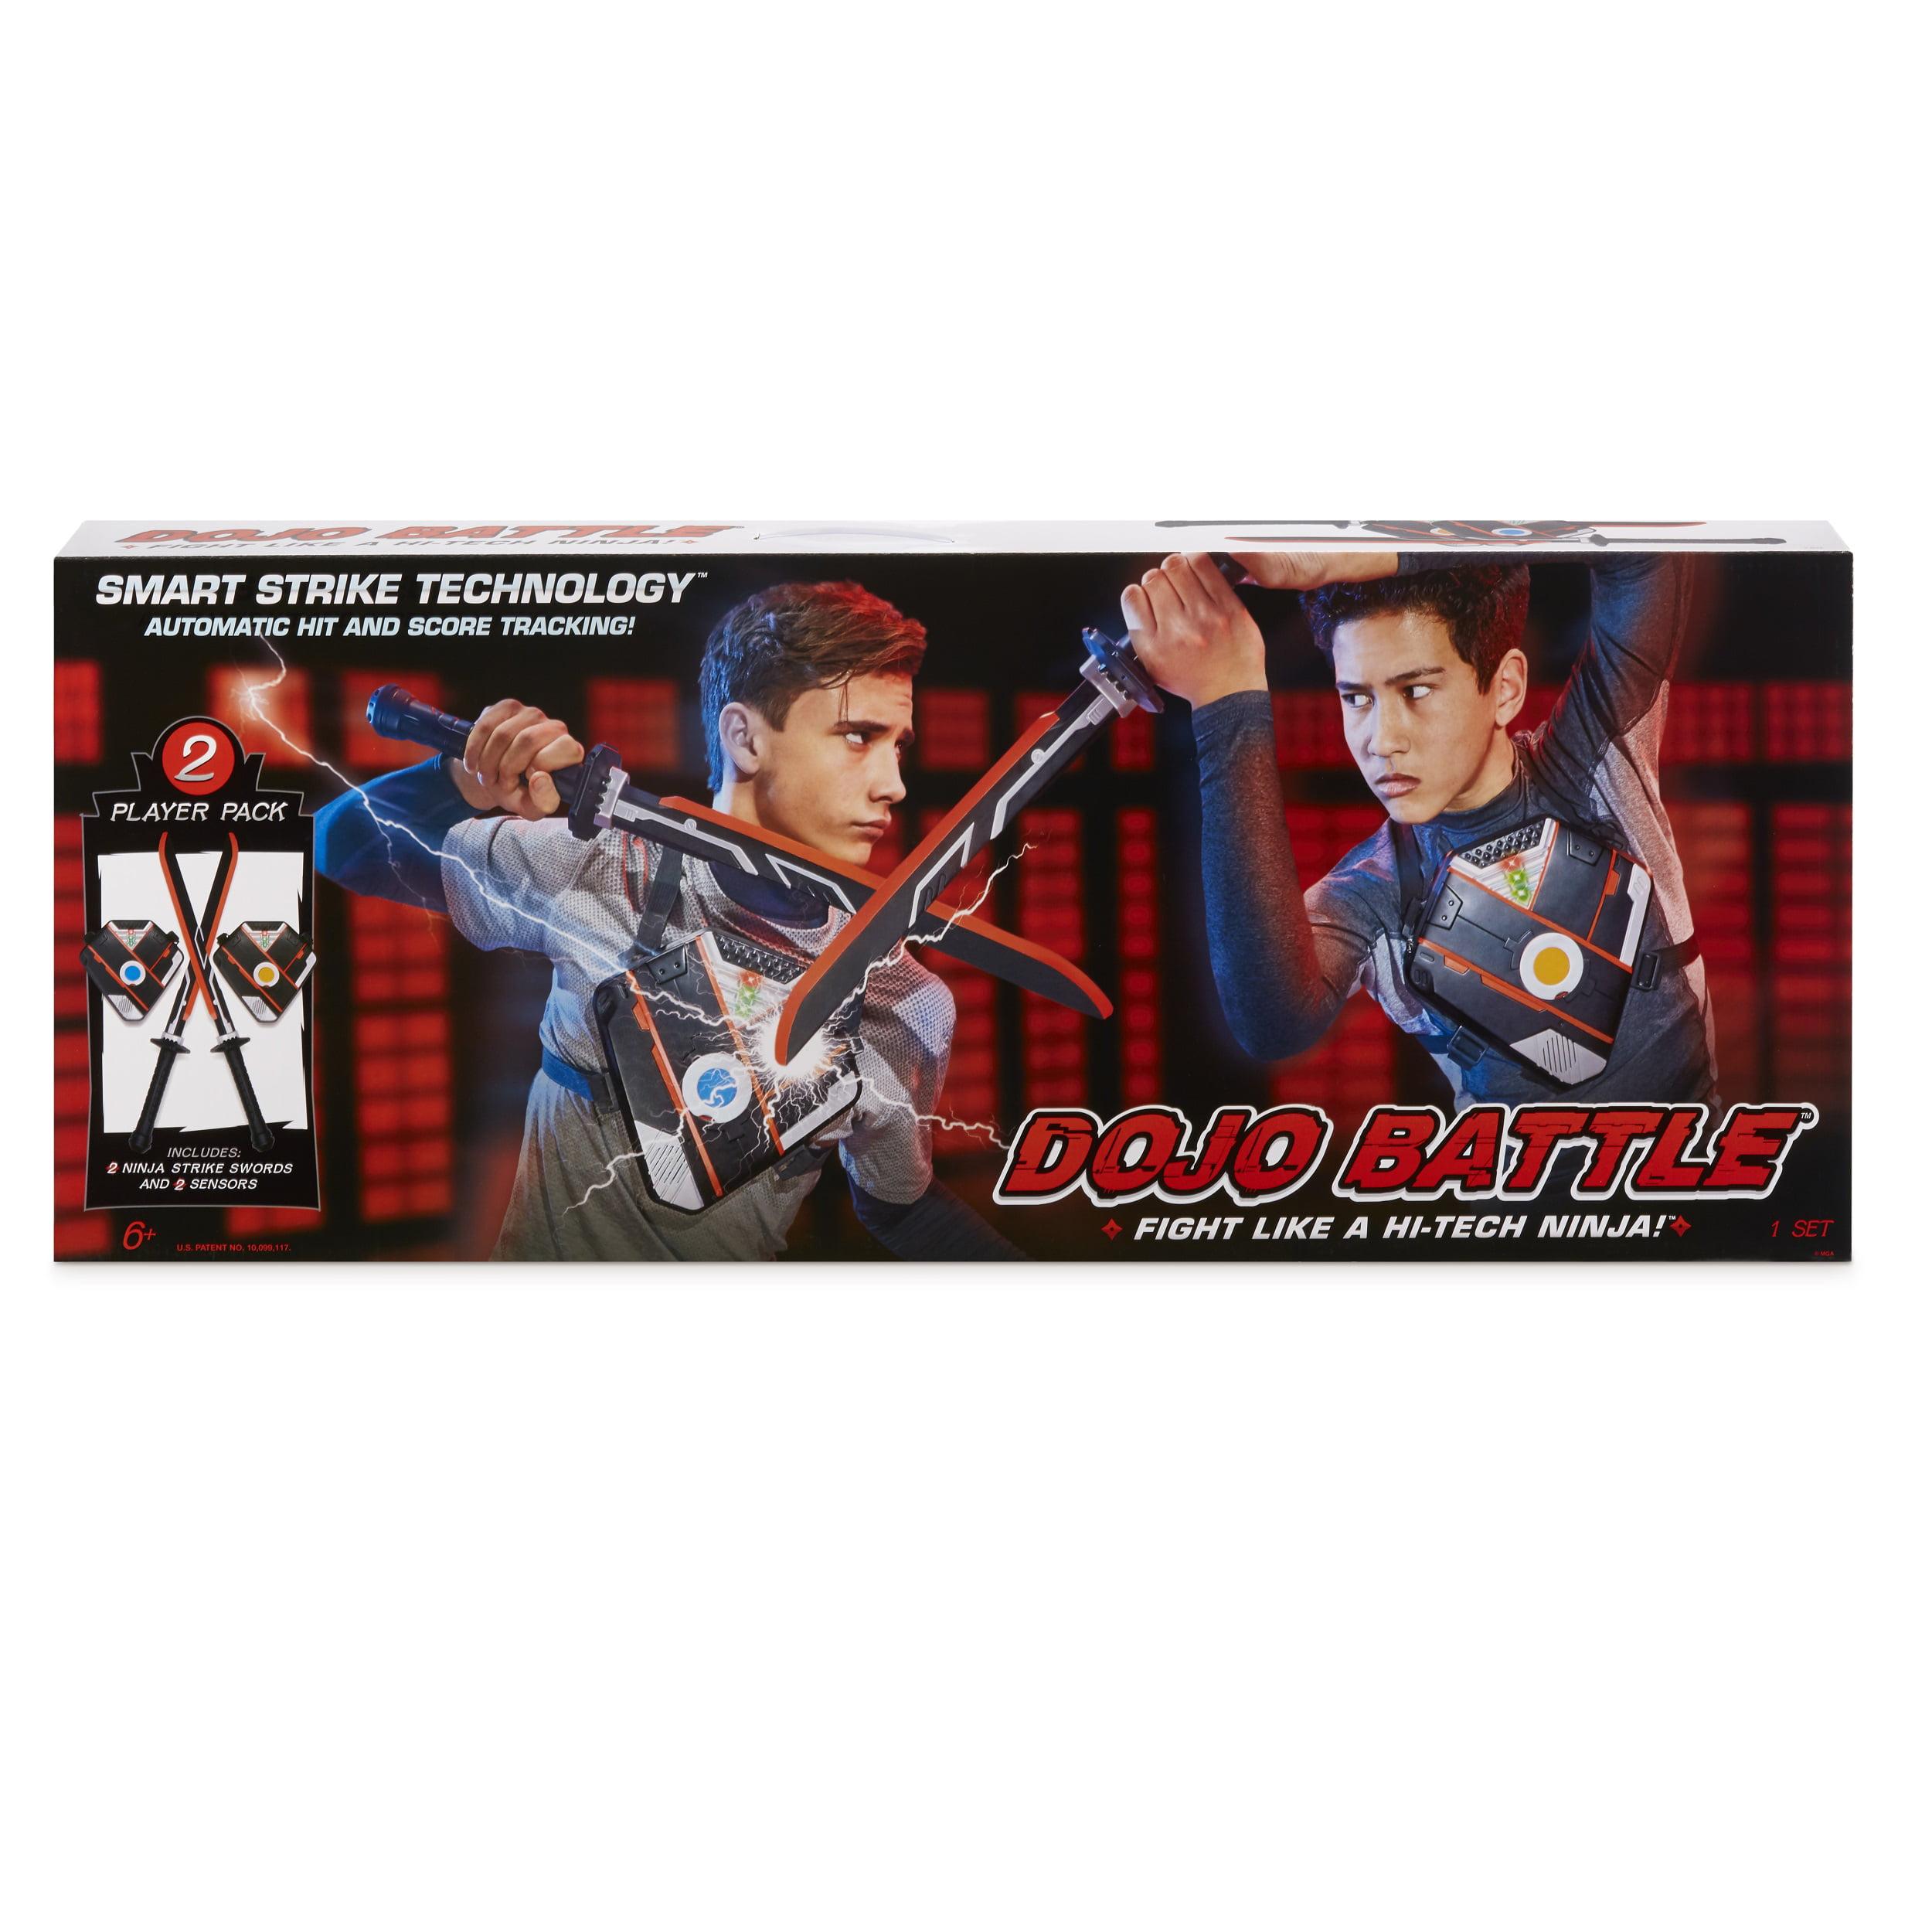 Smart Strike Technology Swords /& Chest Dojo Battle Electronic Battling Game